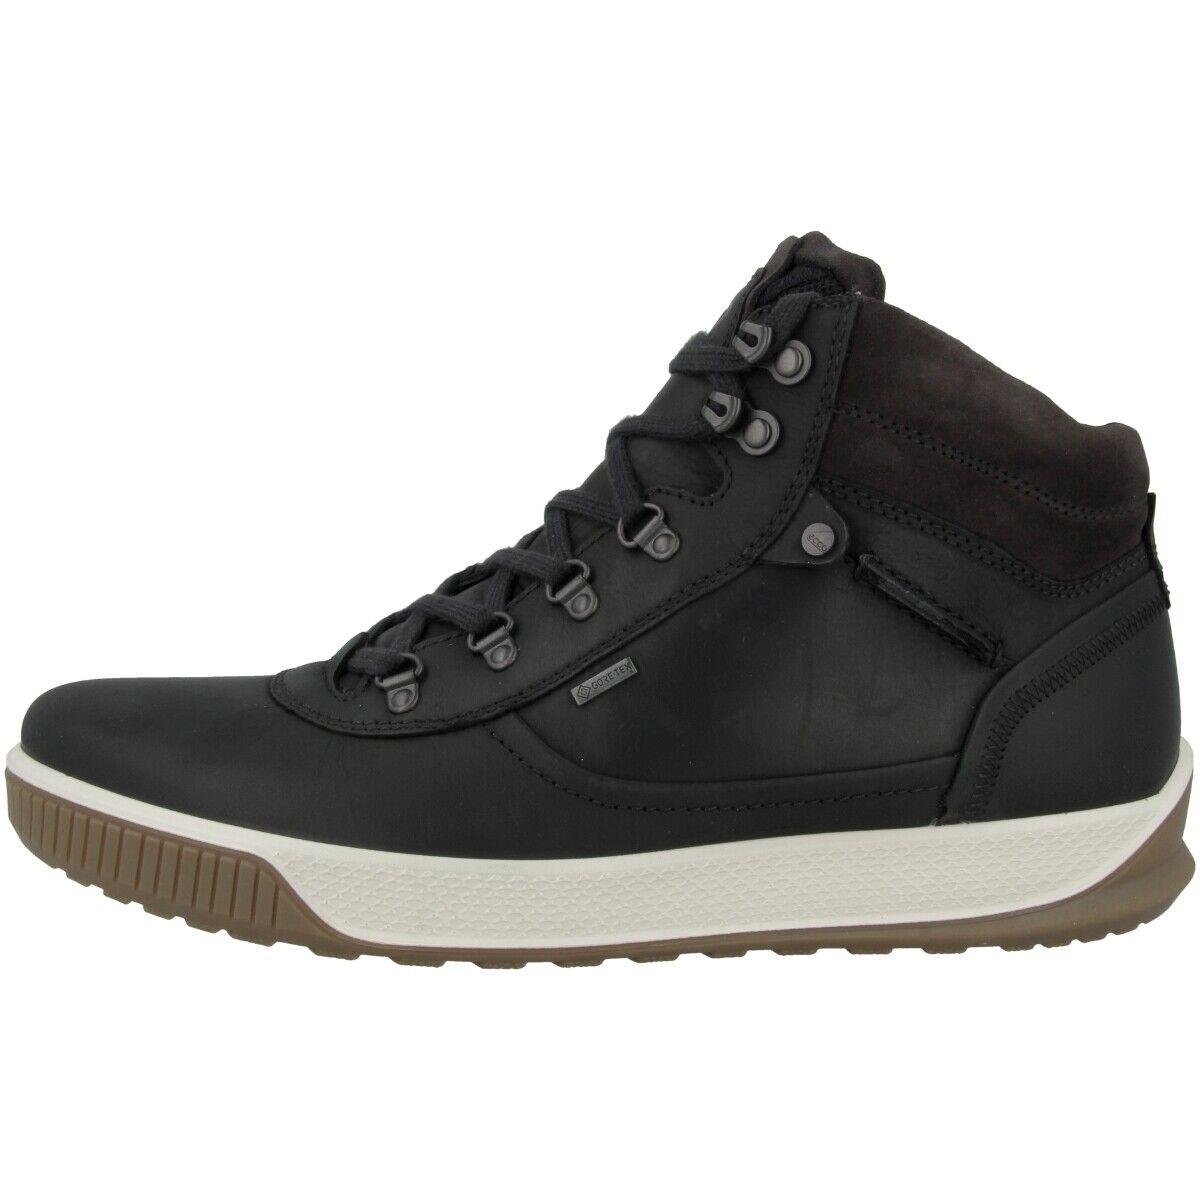 Ecco Byway Trot Schuhe Herren Mid Cut Turnschuhe Schnürer Stiefel schwarz 501834-55869